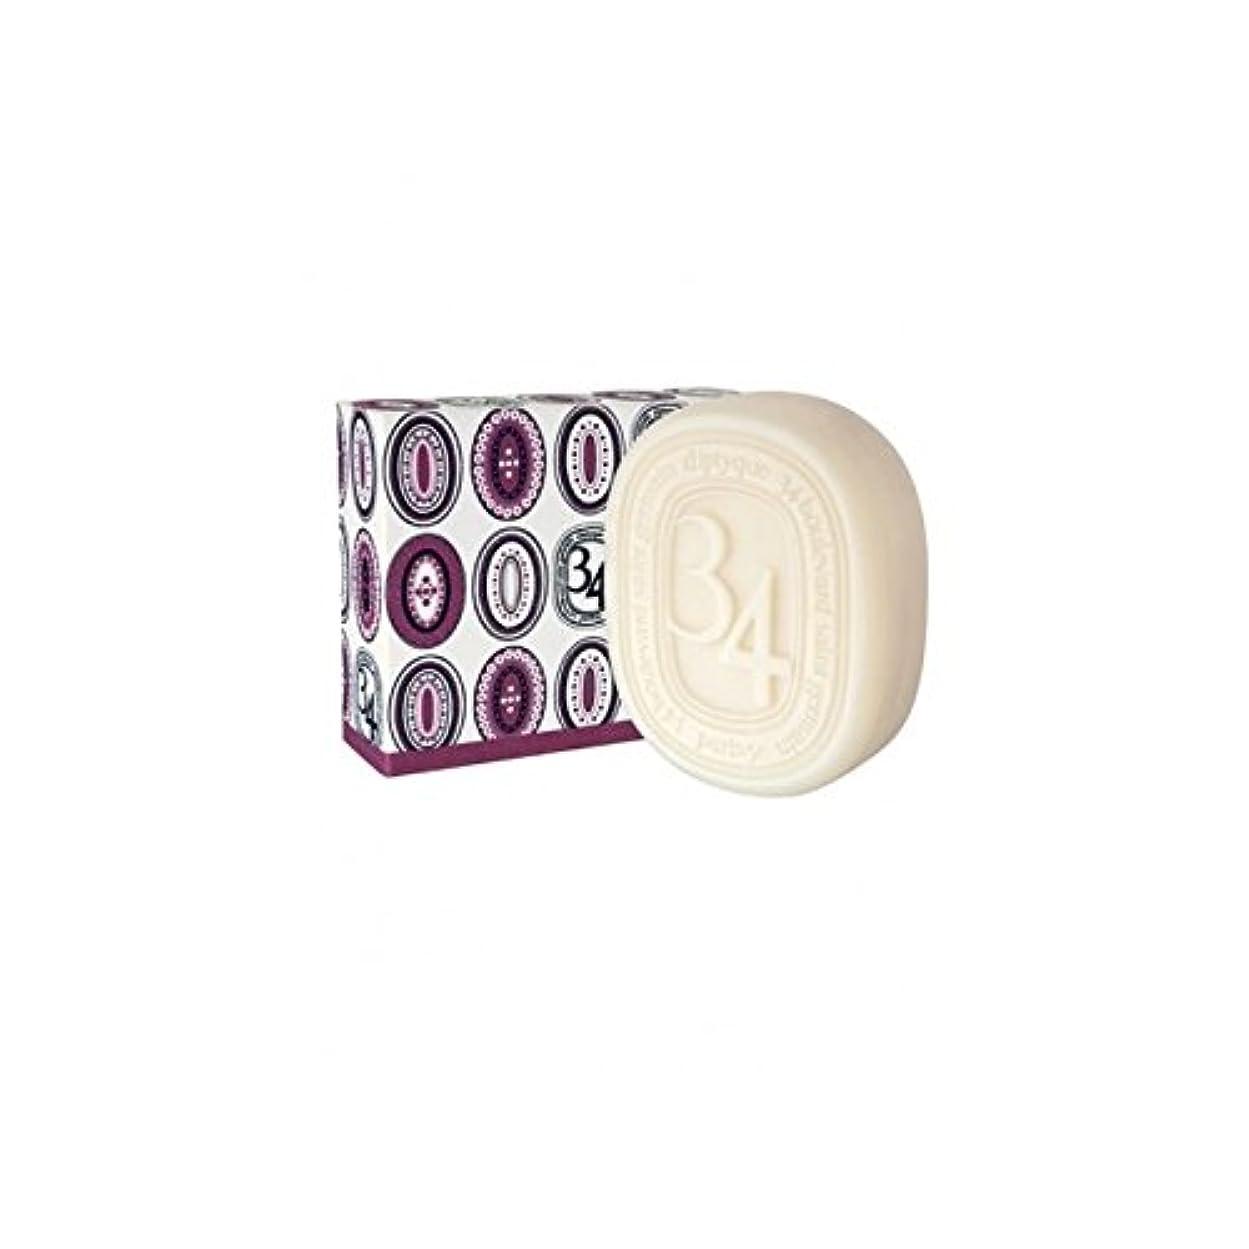 よろしく北極圏商人Diptyqueコレクション34大通りサンジェルマン石鹸100グラム - Diptyque Collection 34 Boulevard Saint Germain Soap 100g (Diptyque) [並行輸入品]